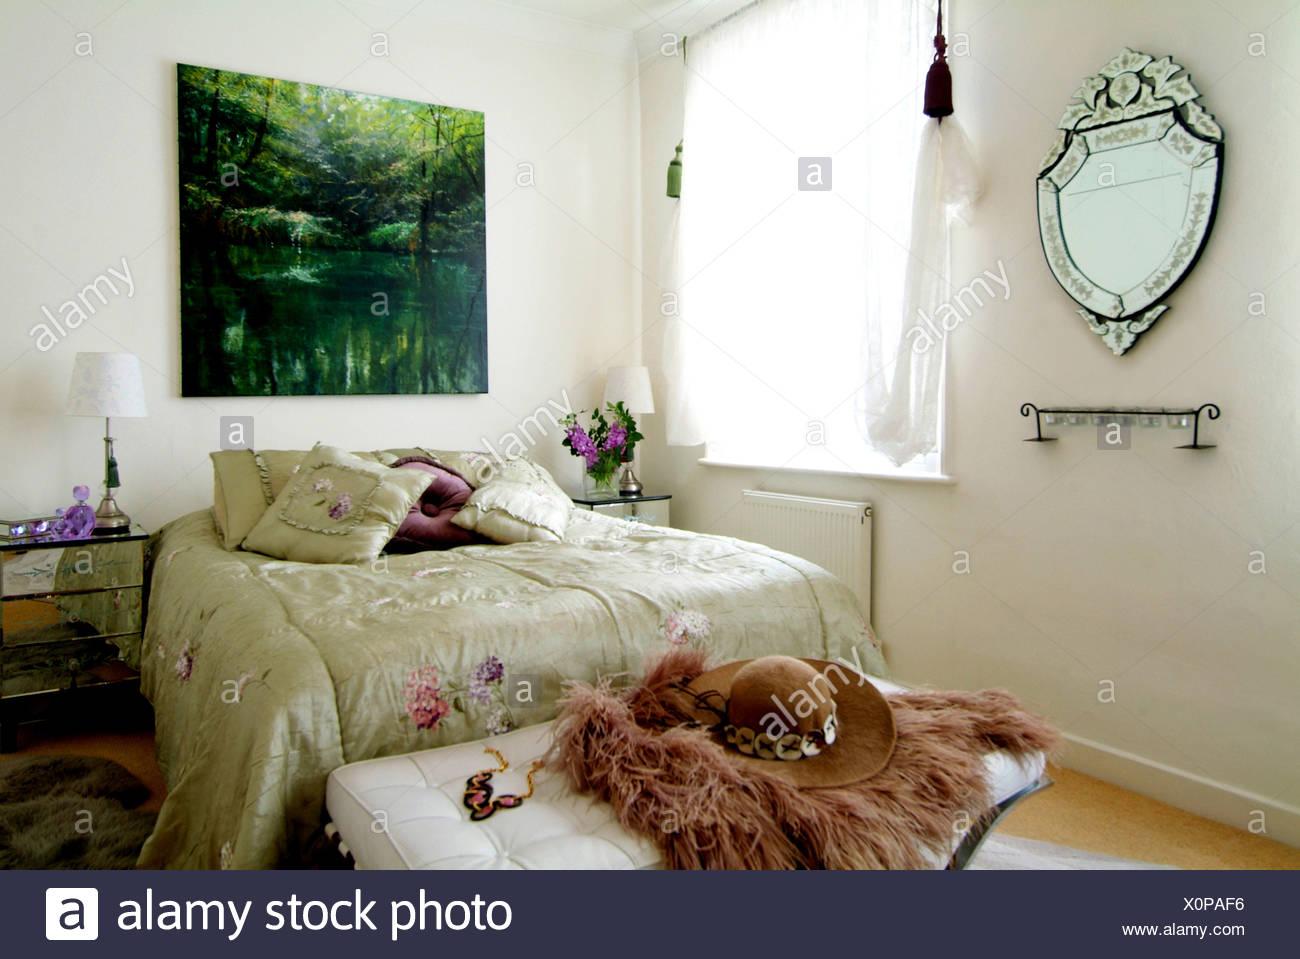 Chelsea Appartamento Camera da letto interiwith una scena naturale ...